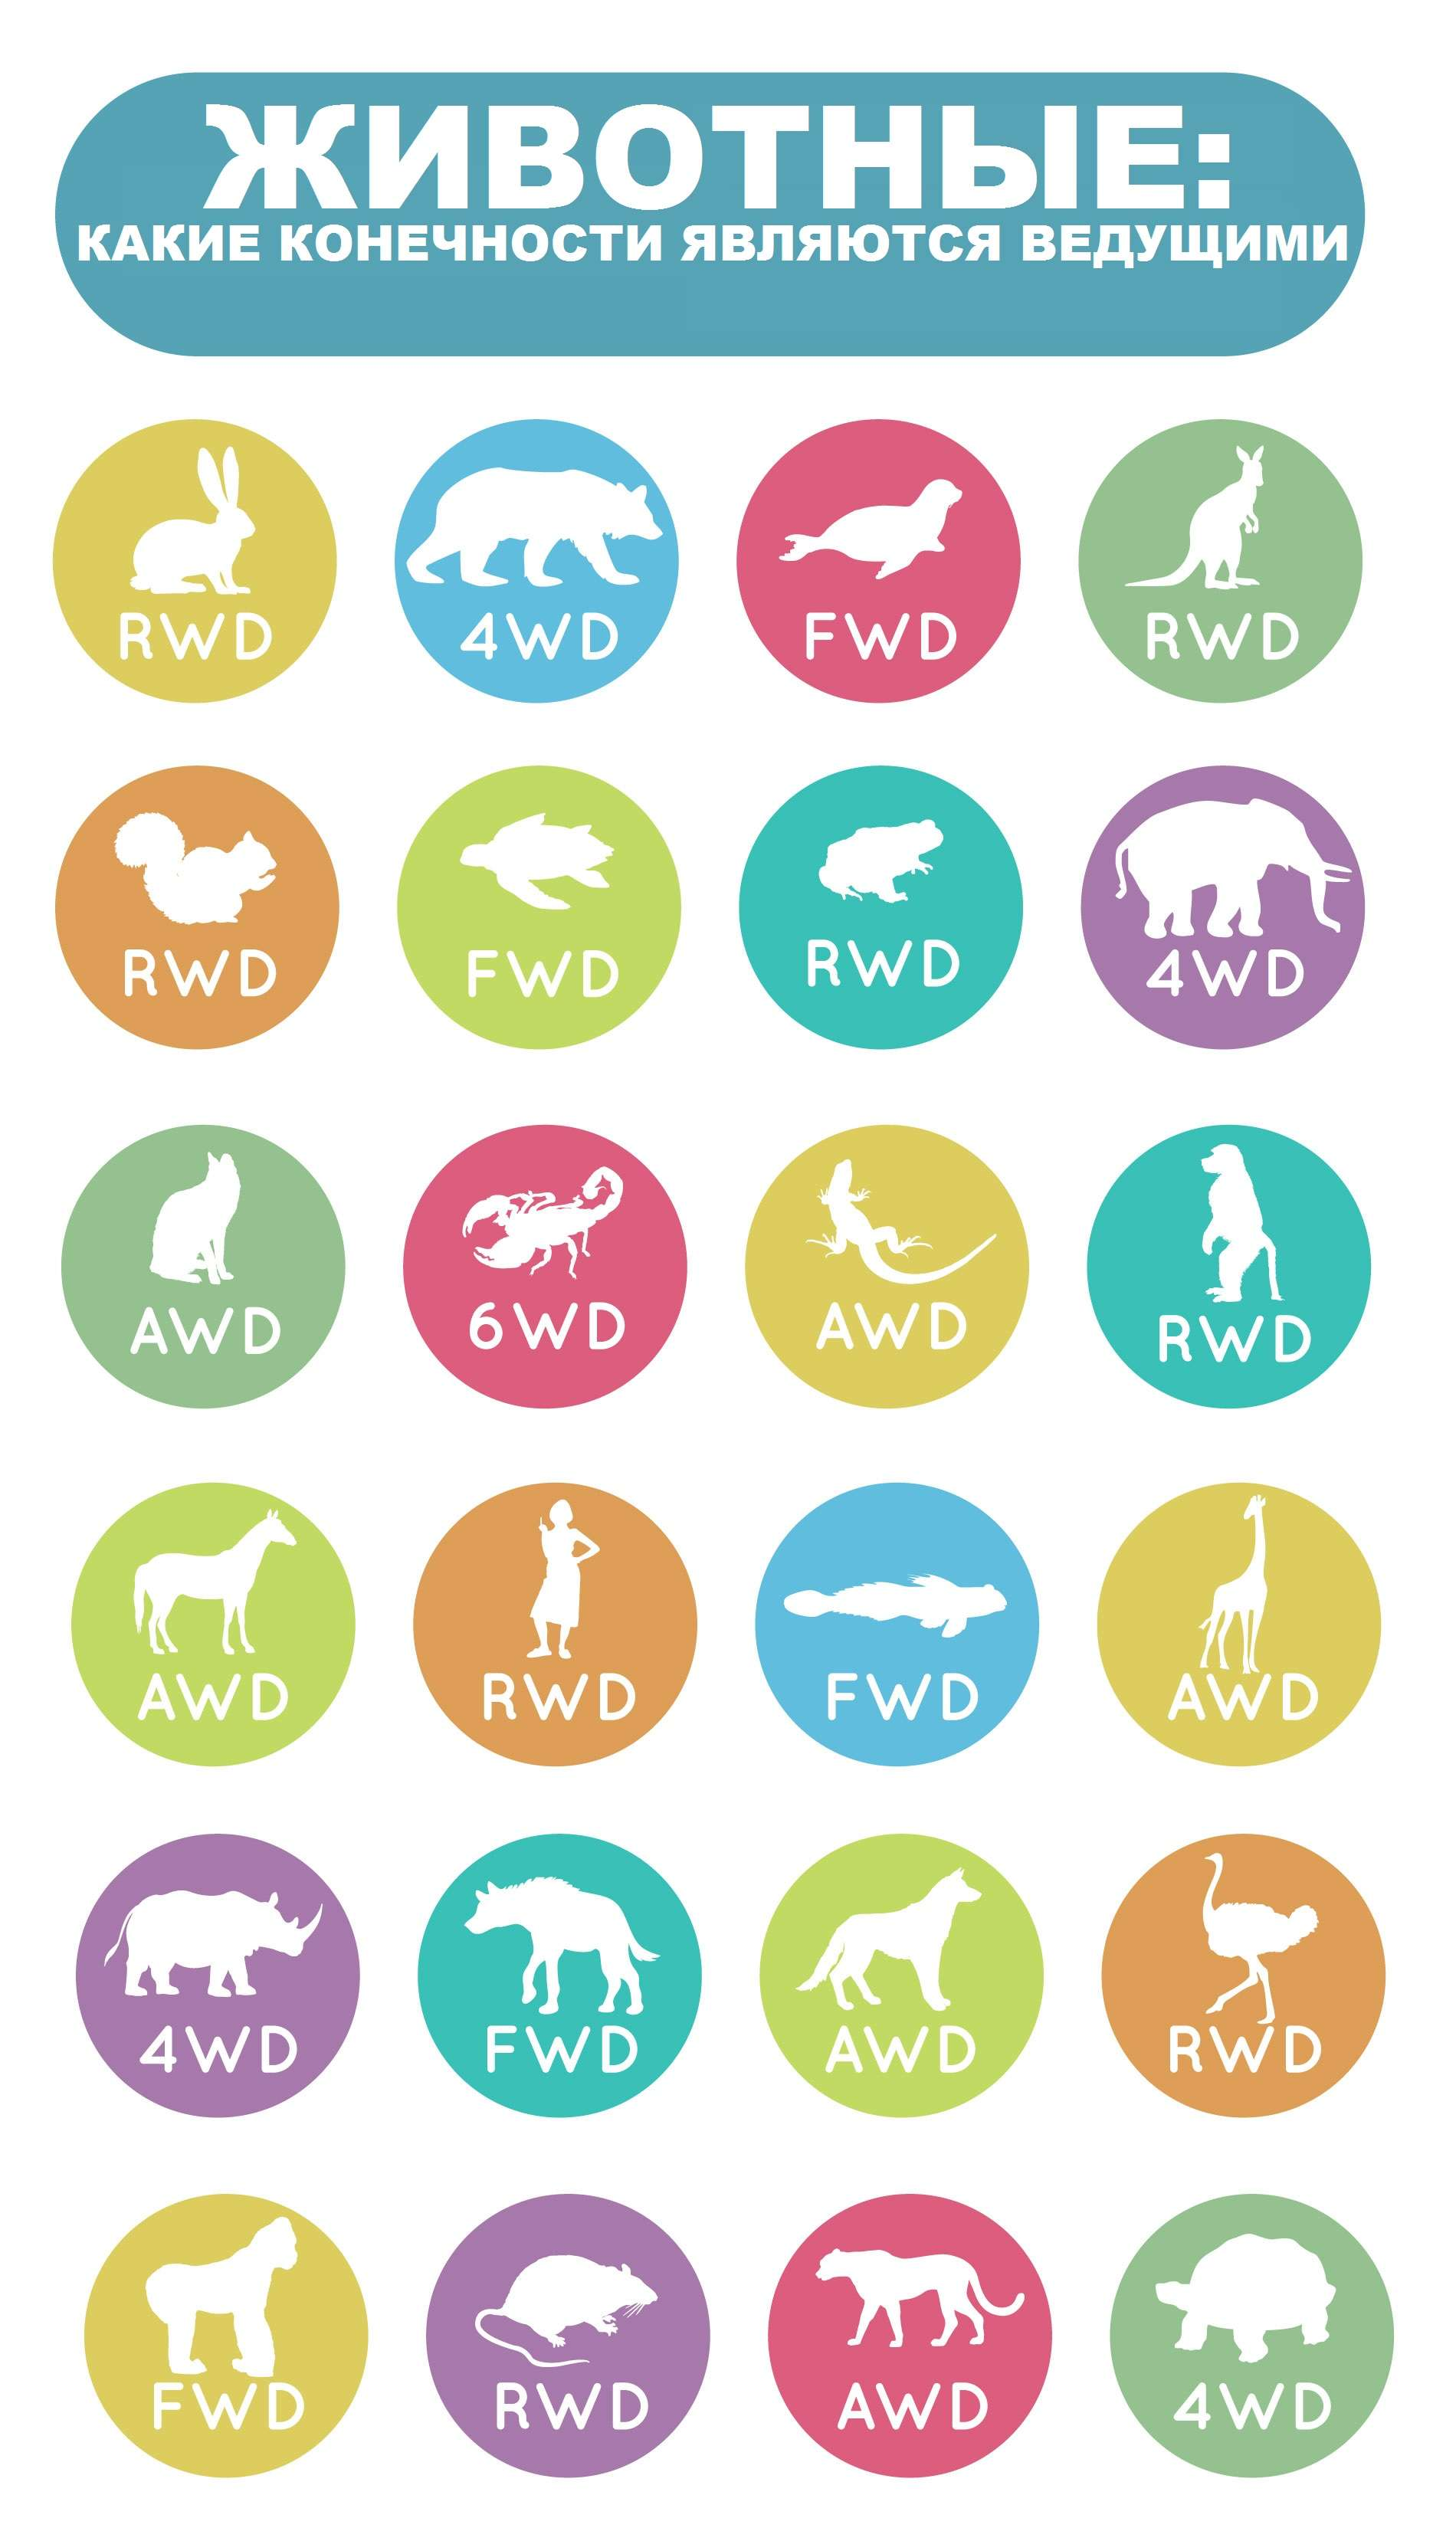 Незвичайна інфографіка: Задньопривідні, передньопривідні і повнопривідні тварини